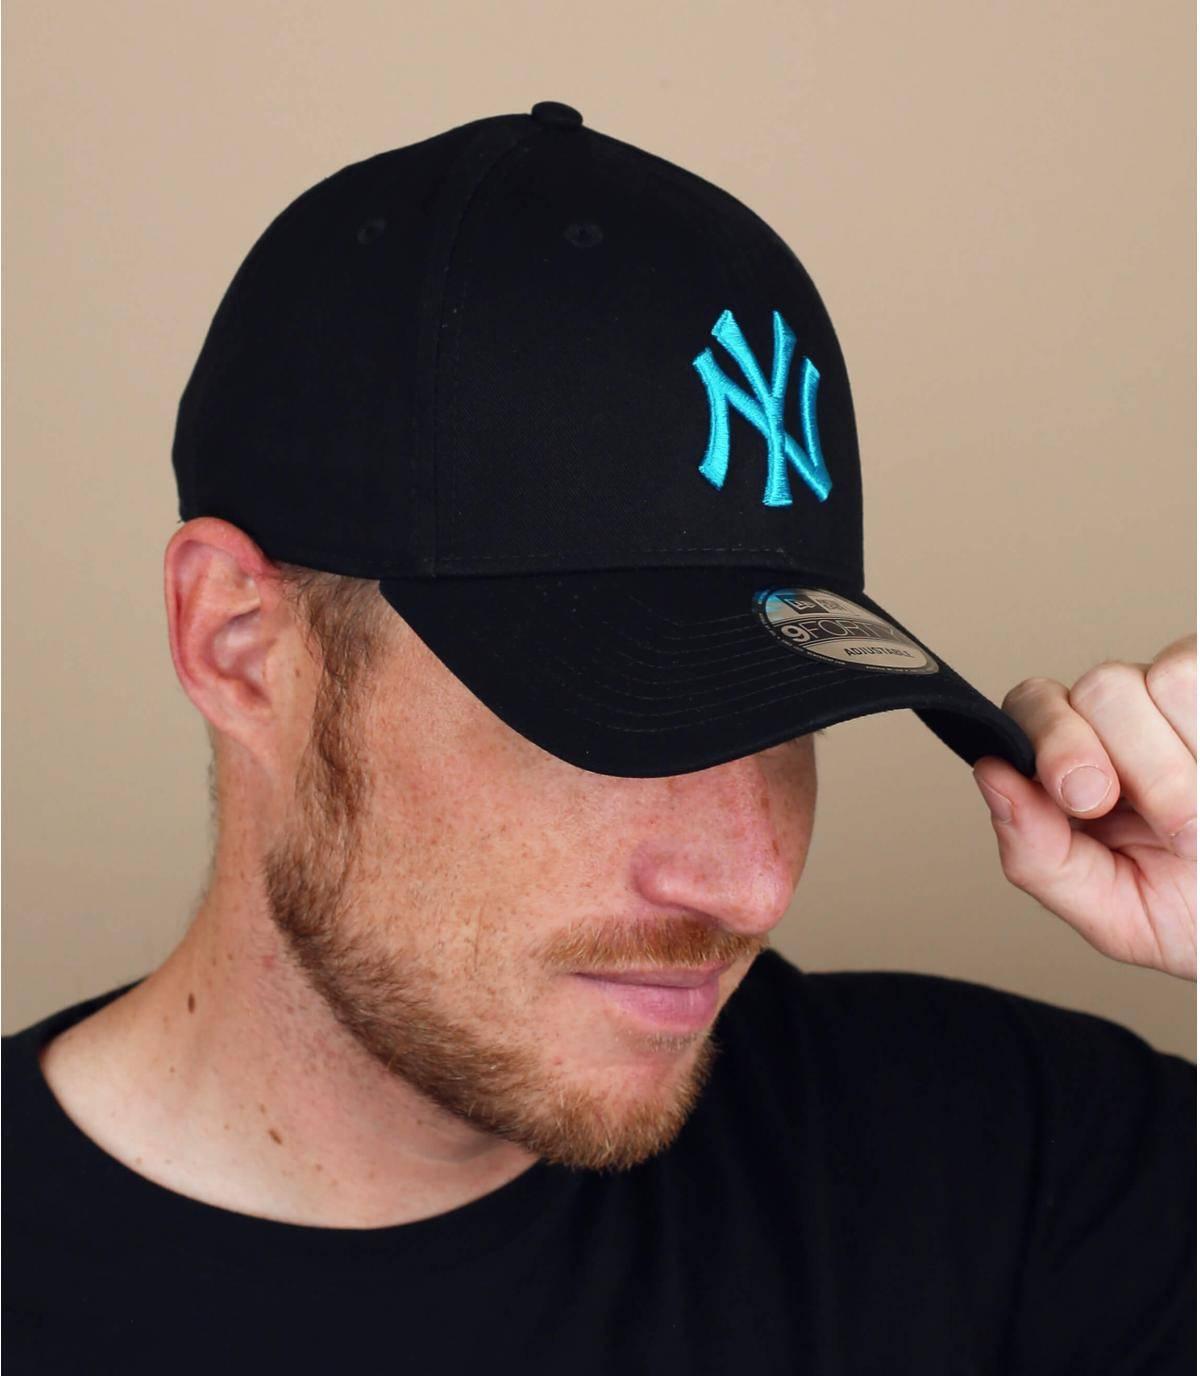 zwartblauwe NY cap